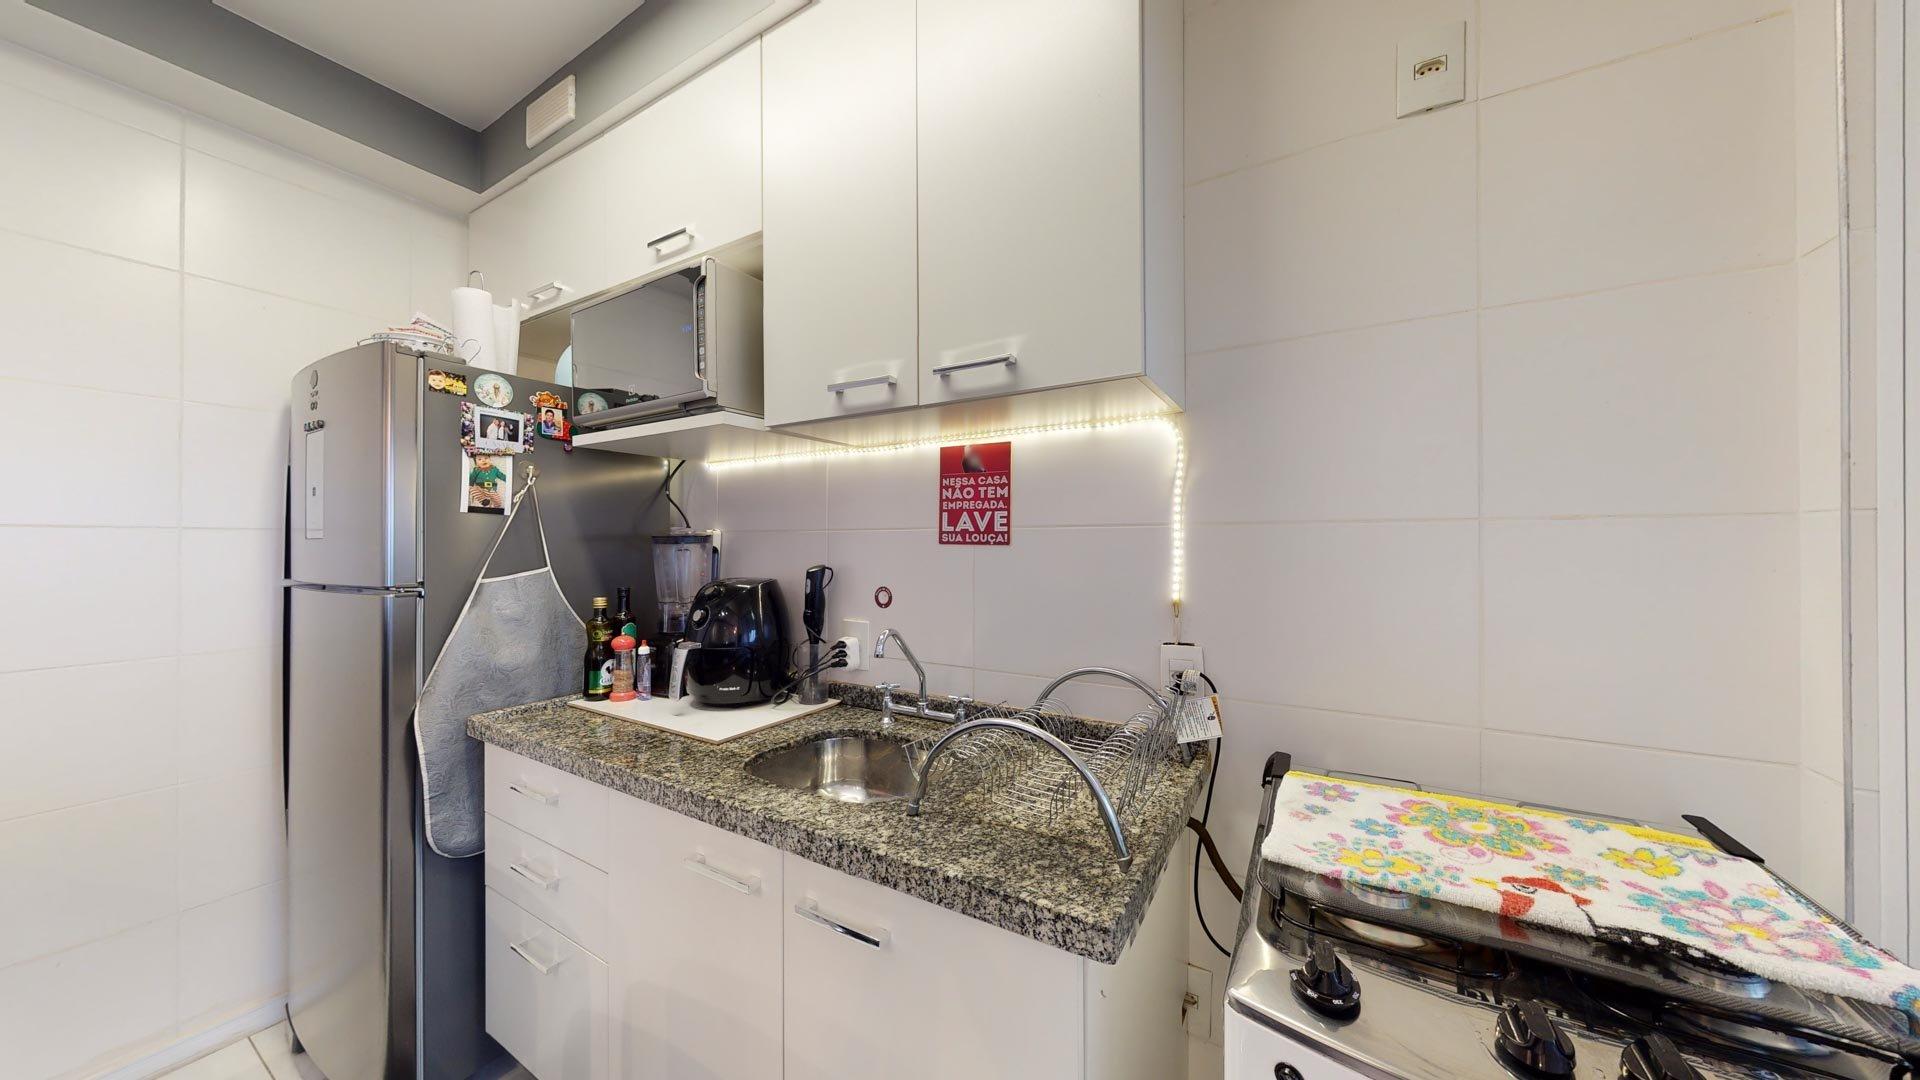 Foto de Cozinha com garrafa, forno, geladeira, pia